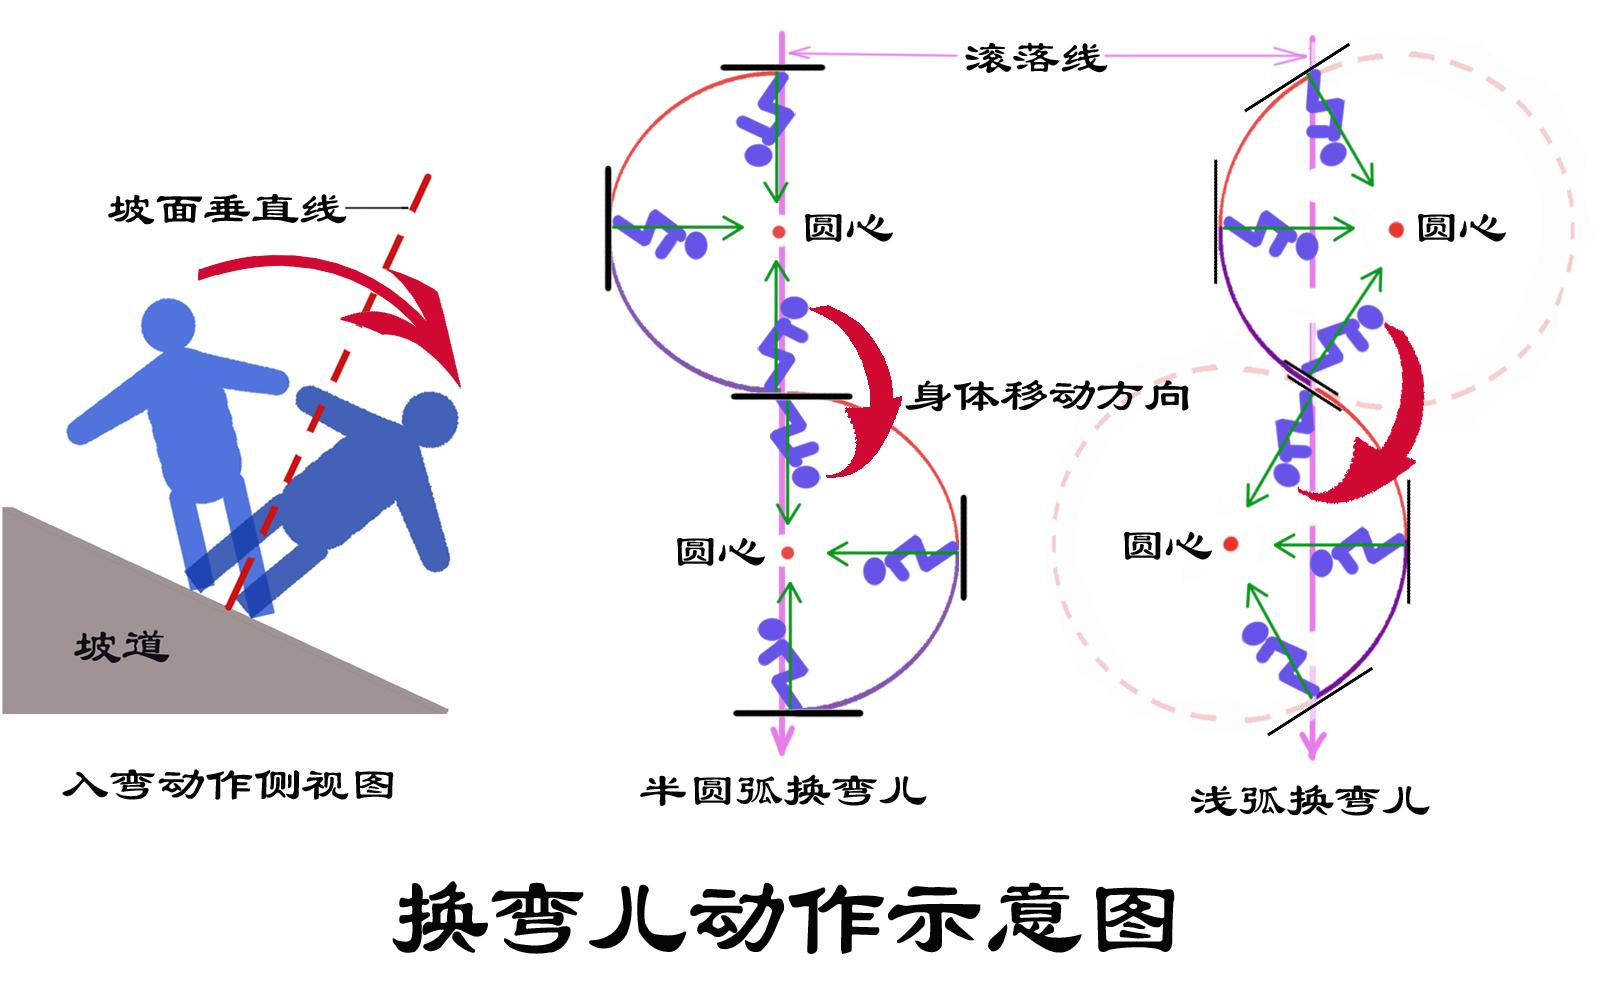 换弯动作示意图 三合一副本.jpg